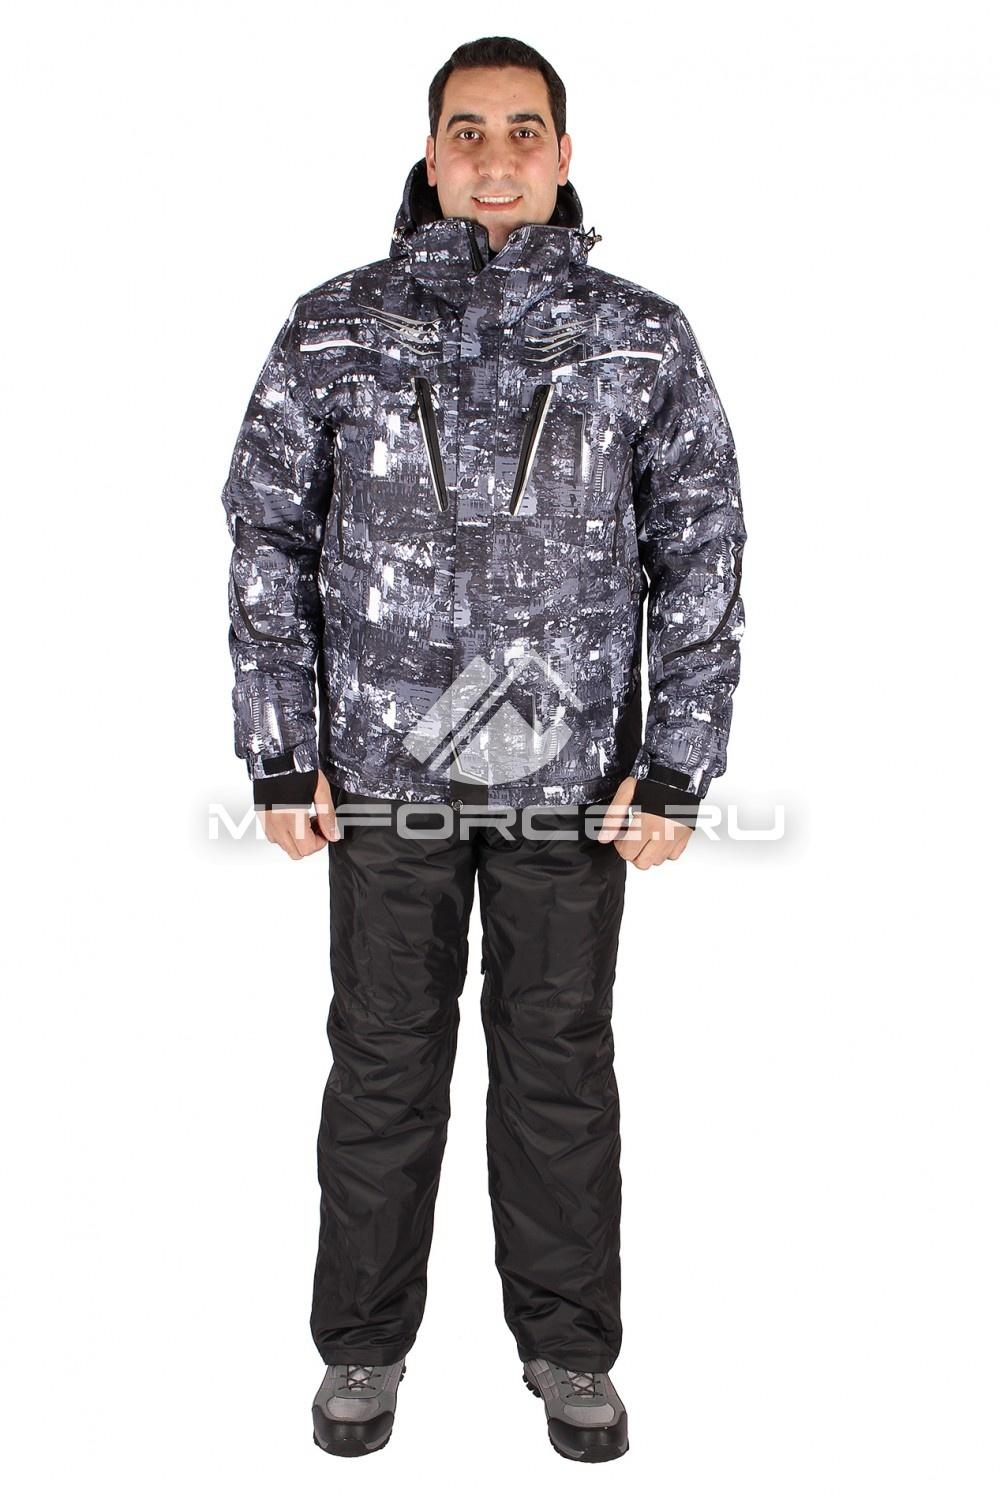 Купить оптом Костюм горнолыжный мужской серого цвета 01551Sr